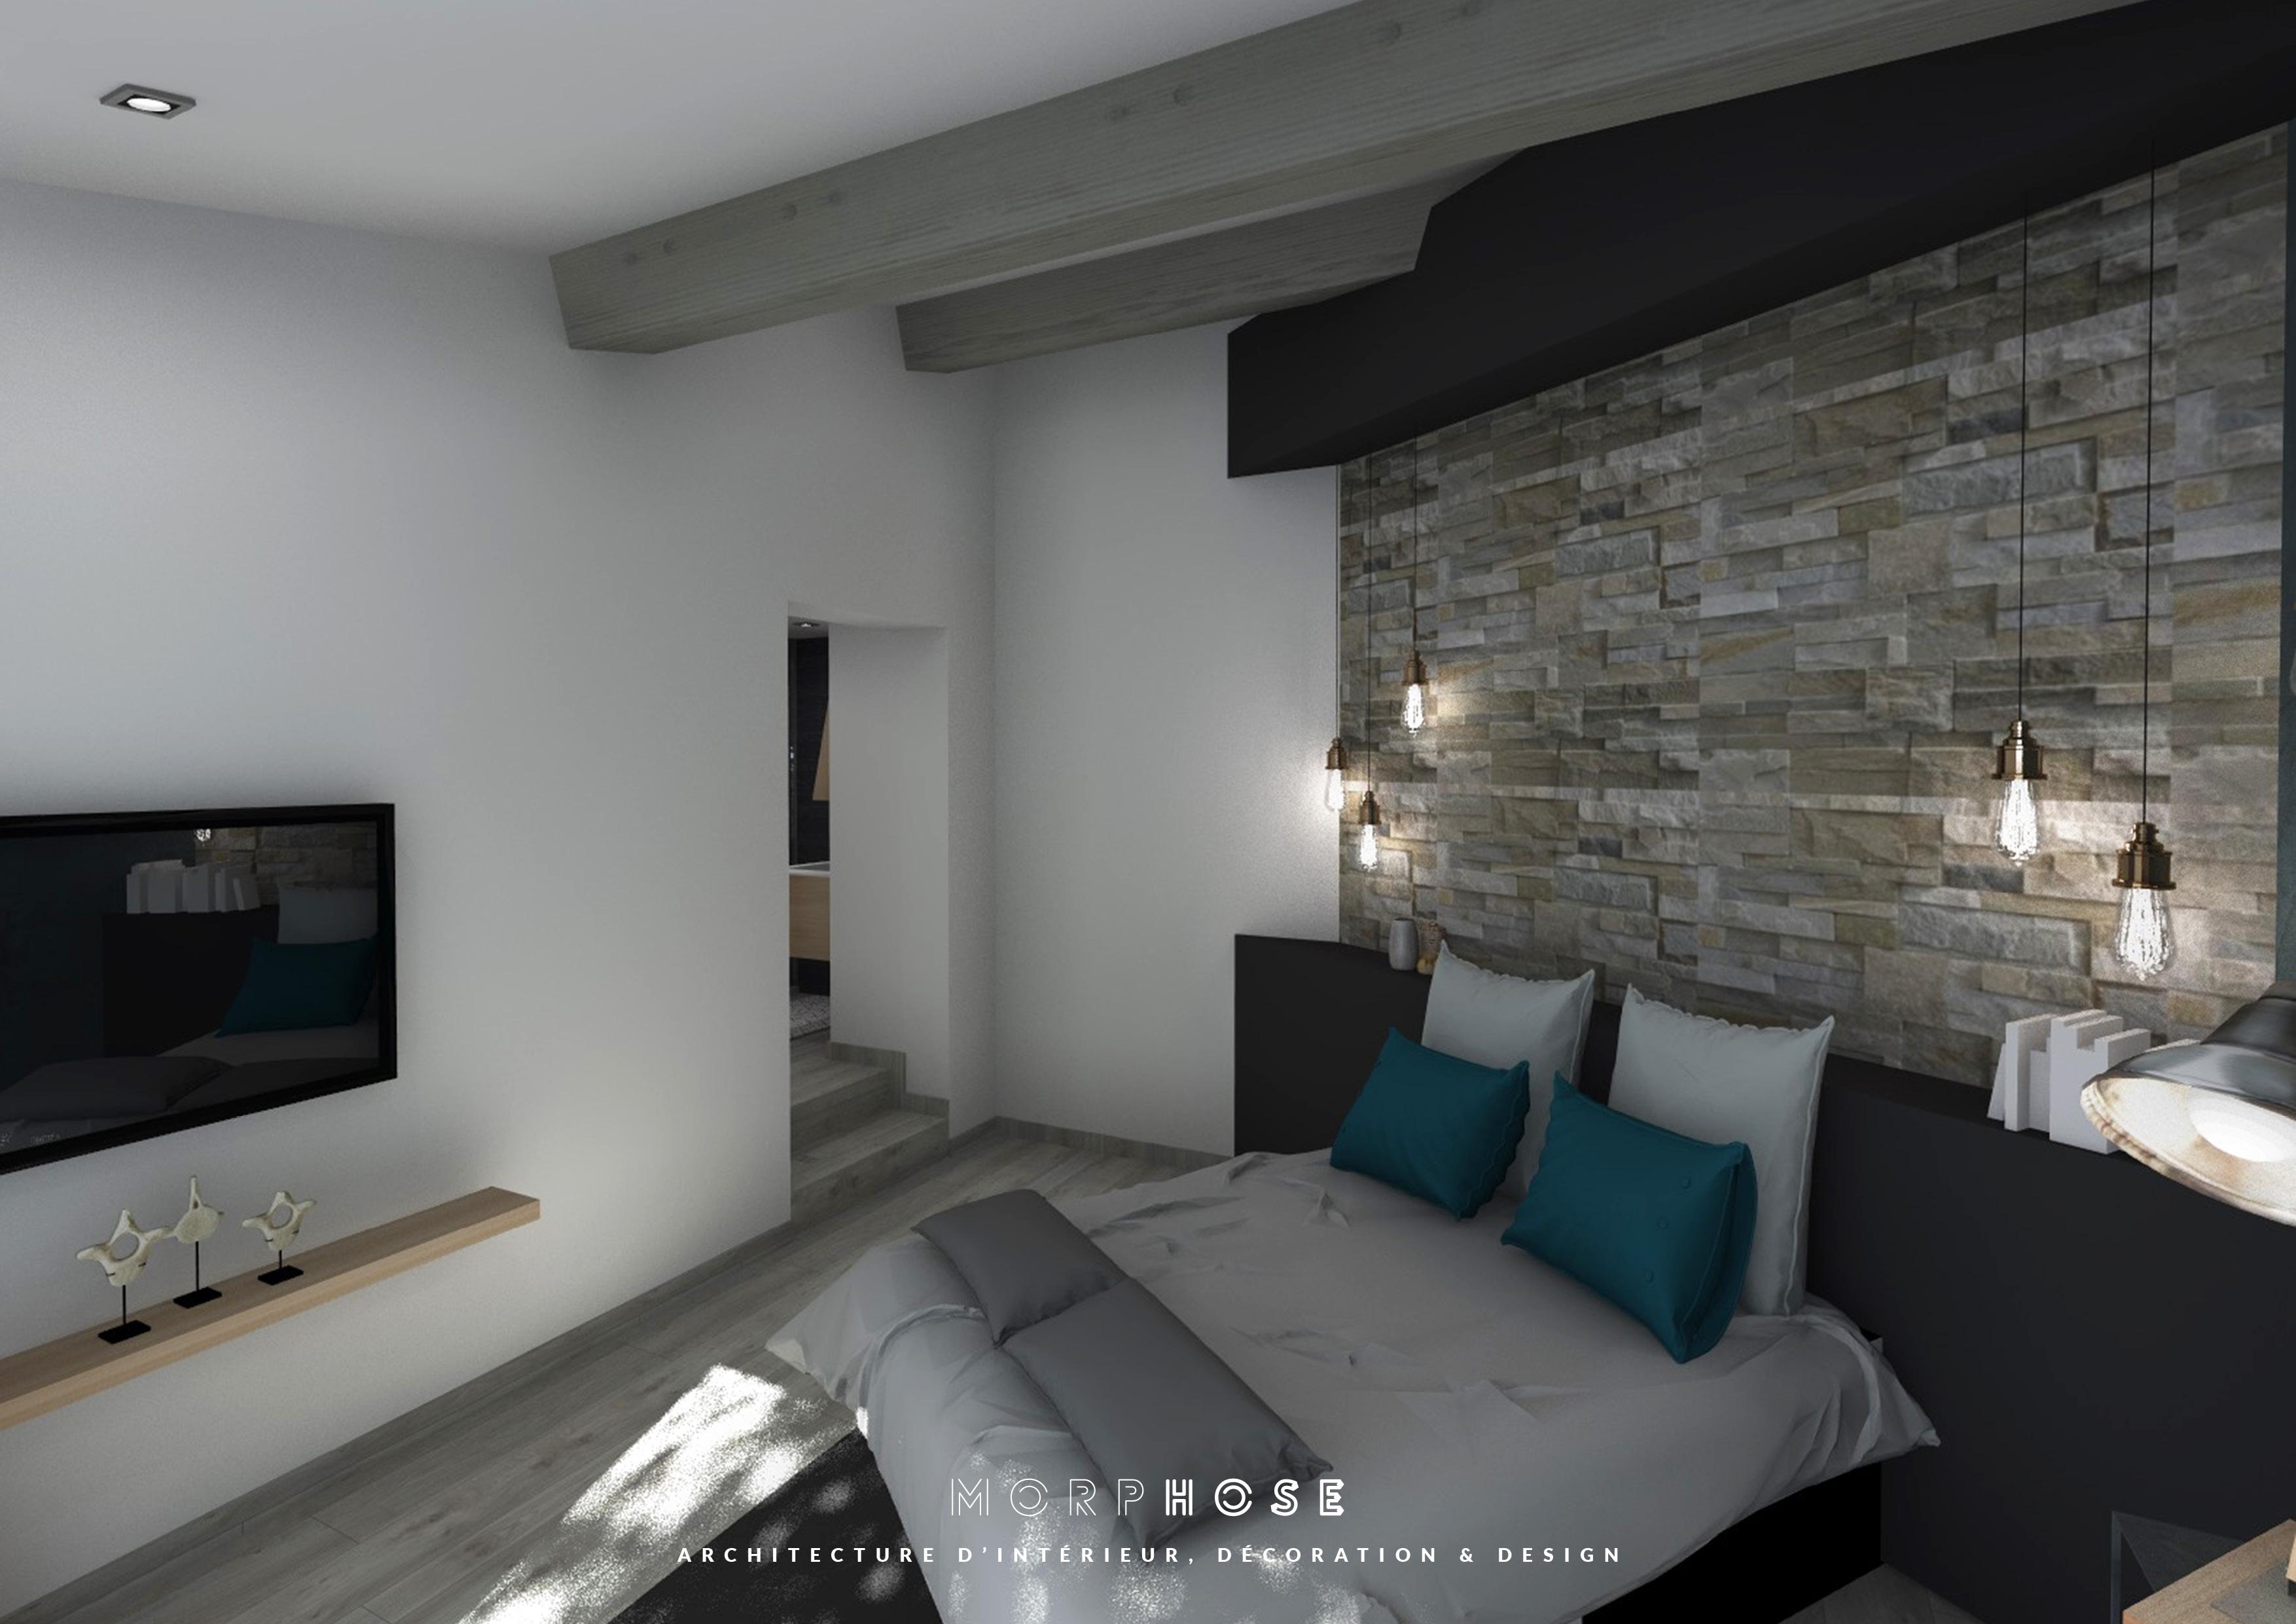 rénovation intérieure d'une villa aux issambres - morphose